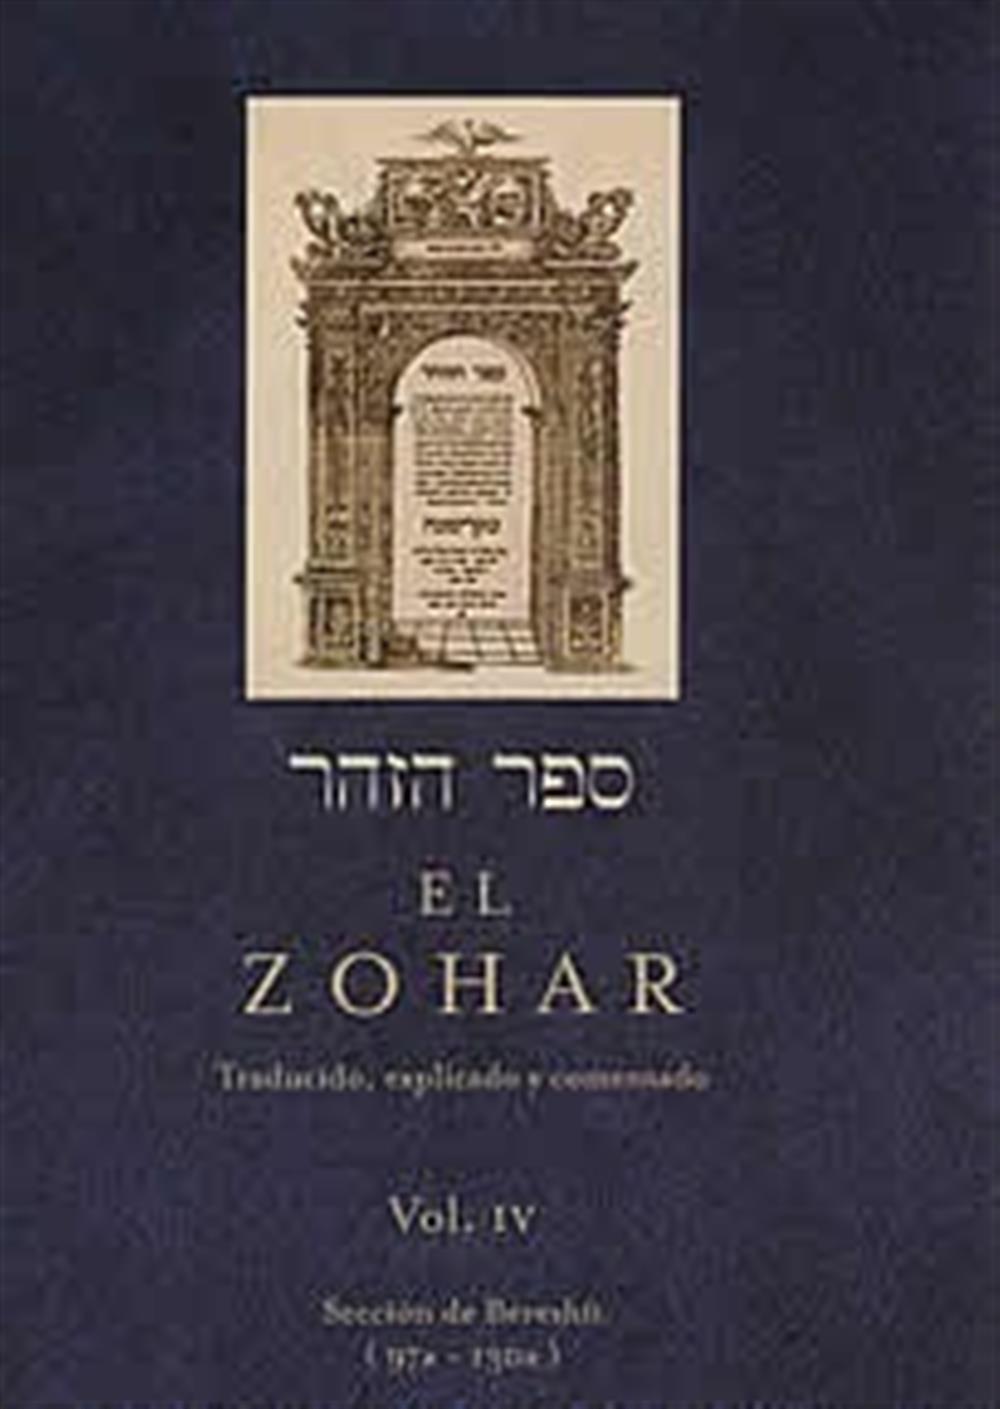 El Zohar-Vol-IV-Sección de Bereshit-897a-130a)